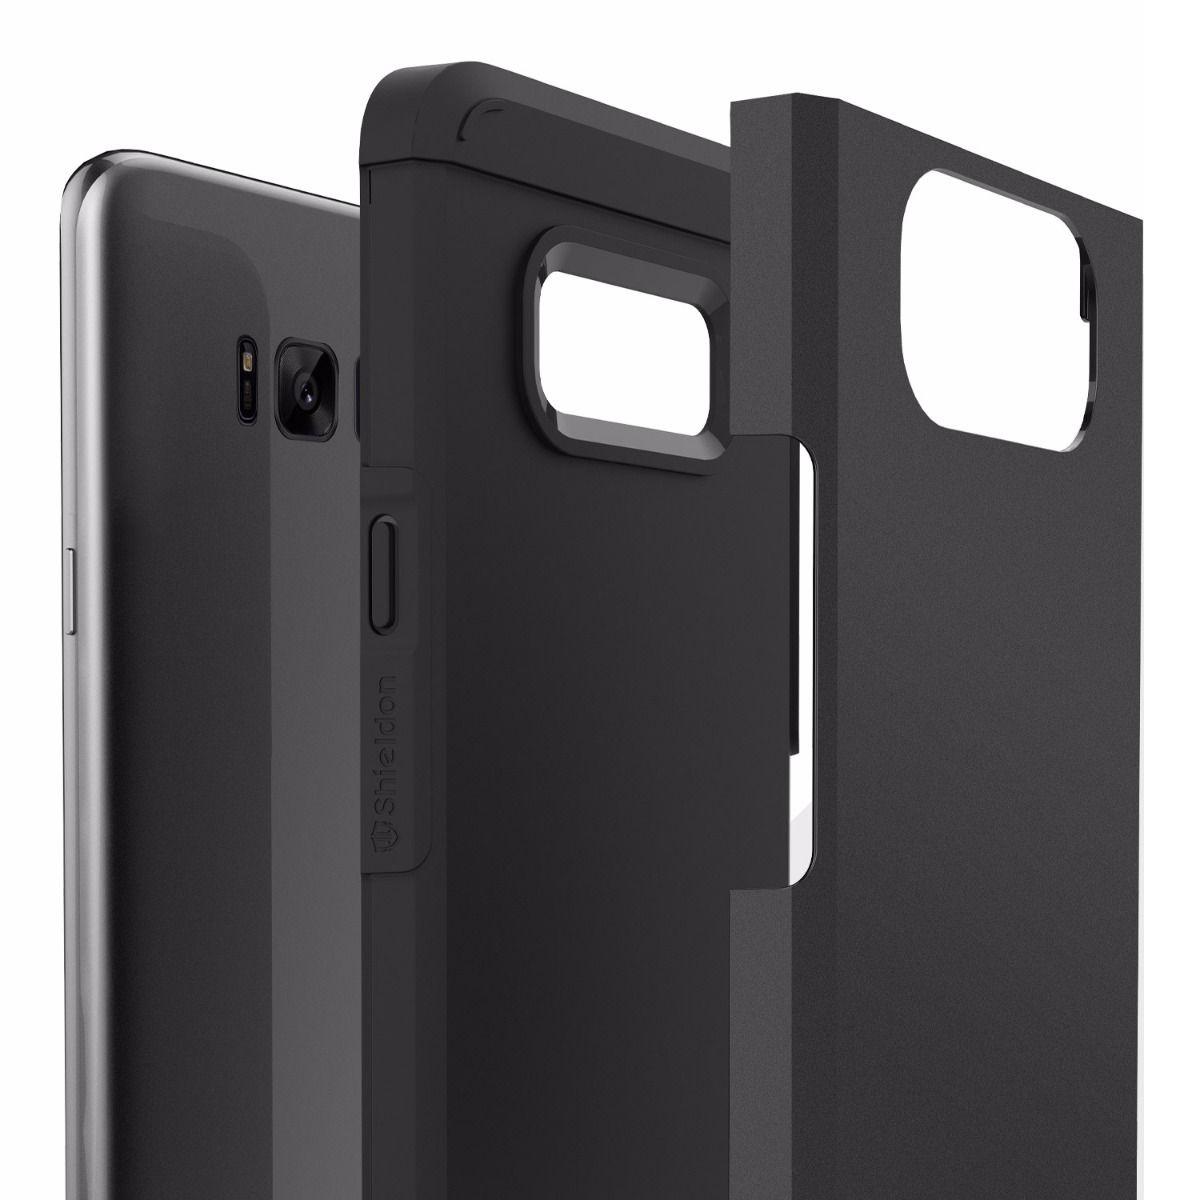 Husa tip capac spate Shieldon Mountain Series neagra pentru Samsung Galaxy S8 Plus G955